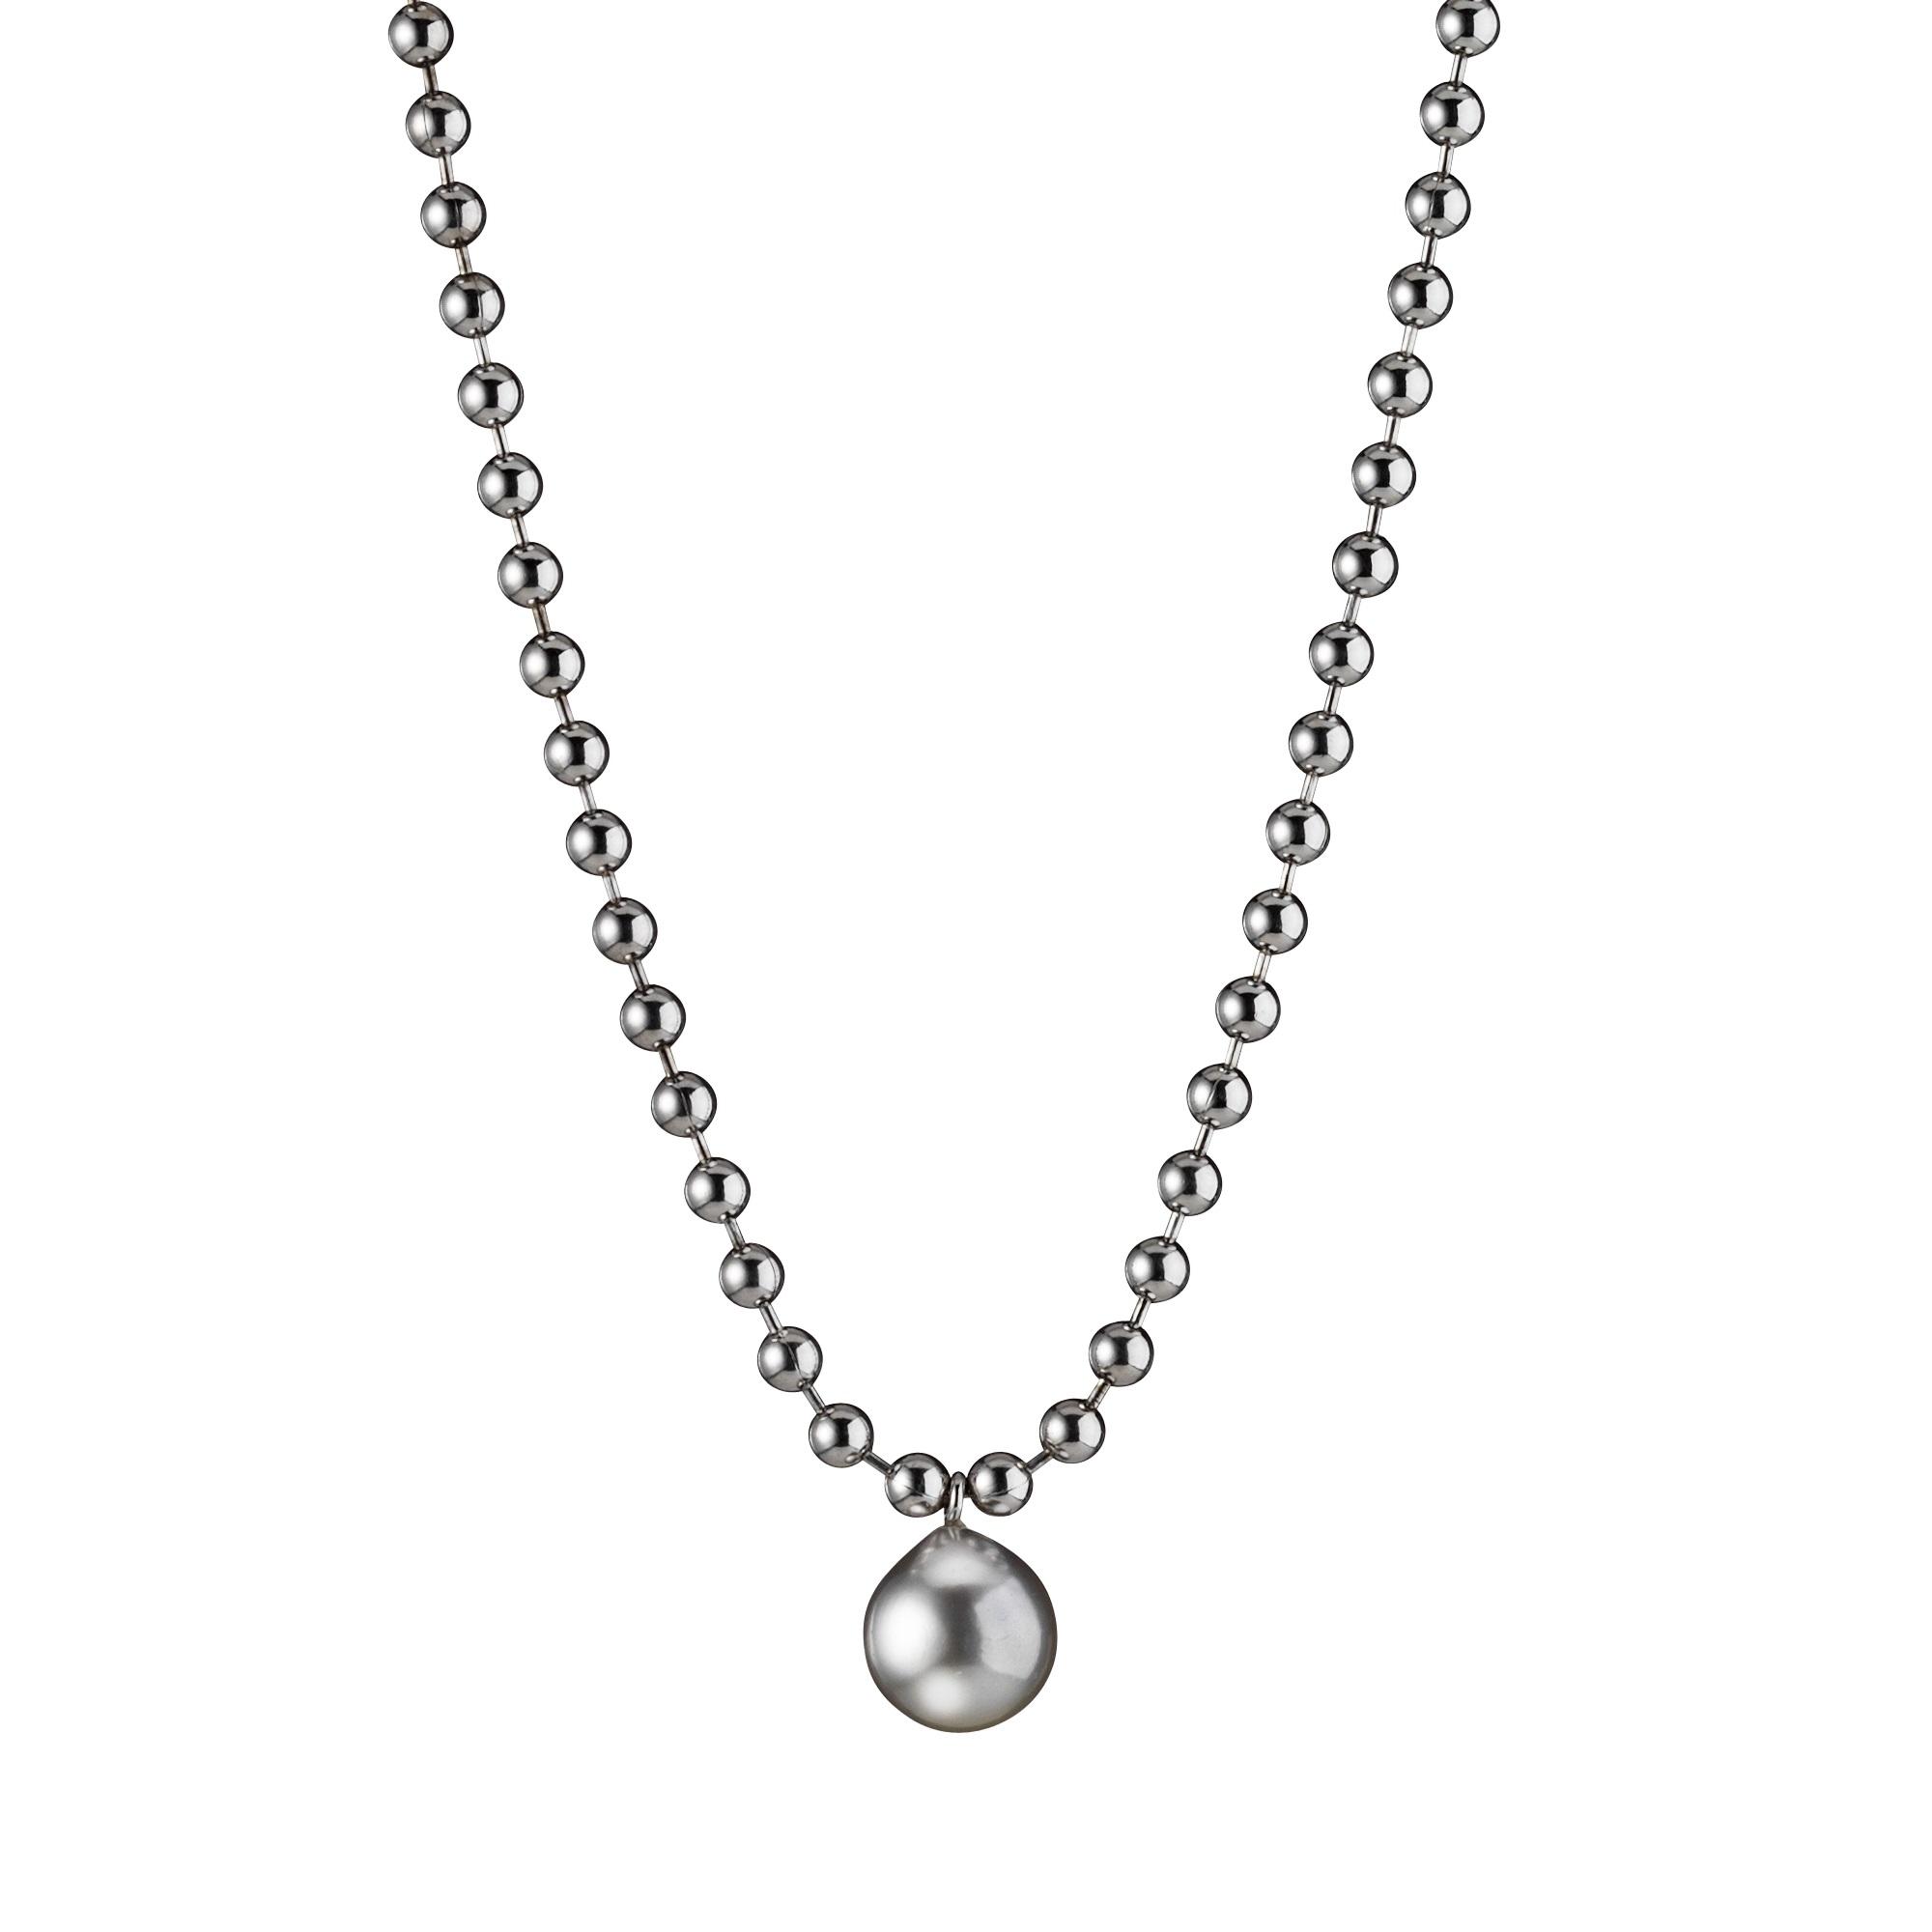 Collier aus Silber mit Tahiti-Zuchtperle